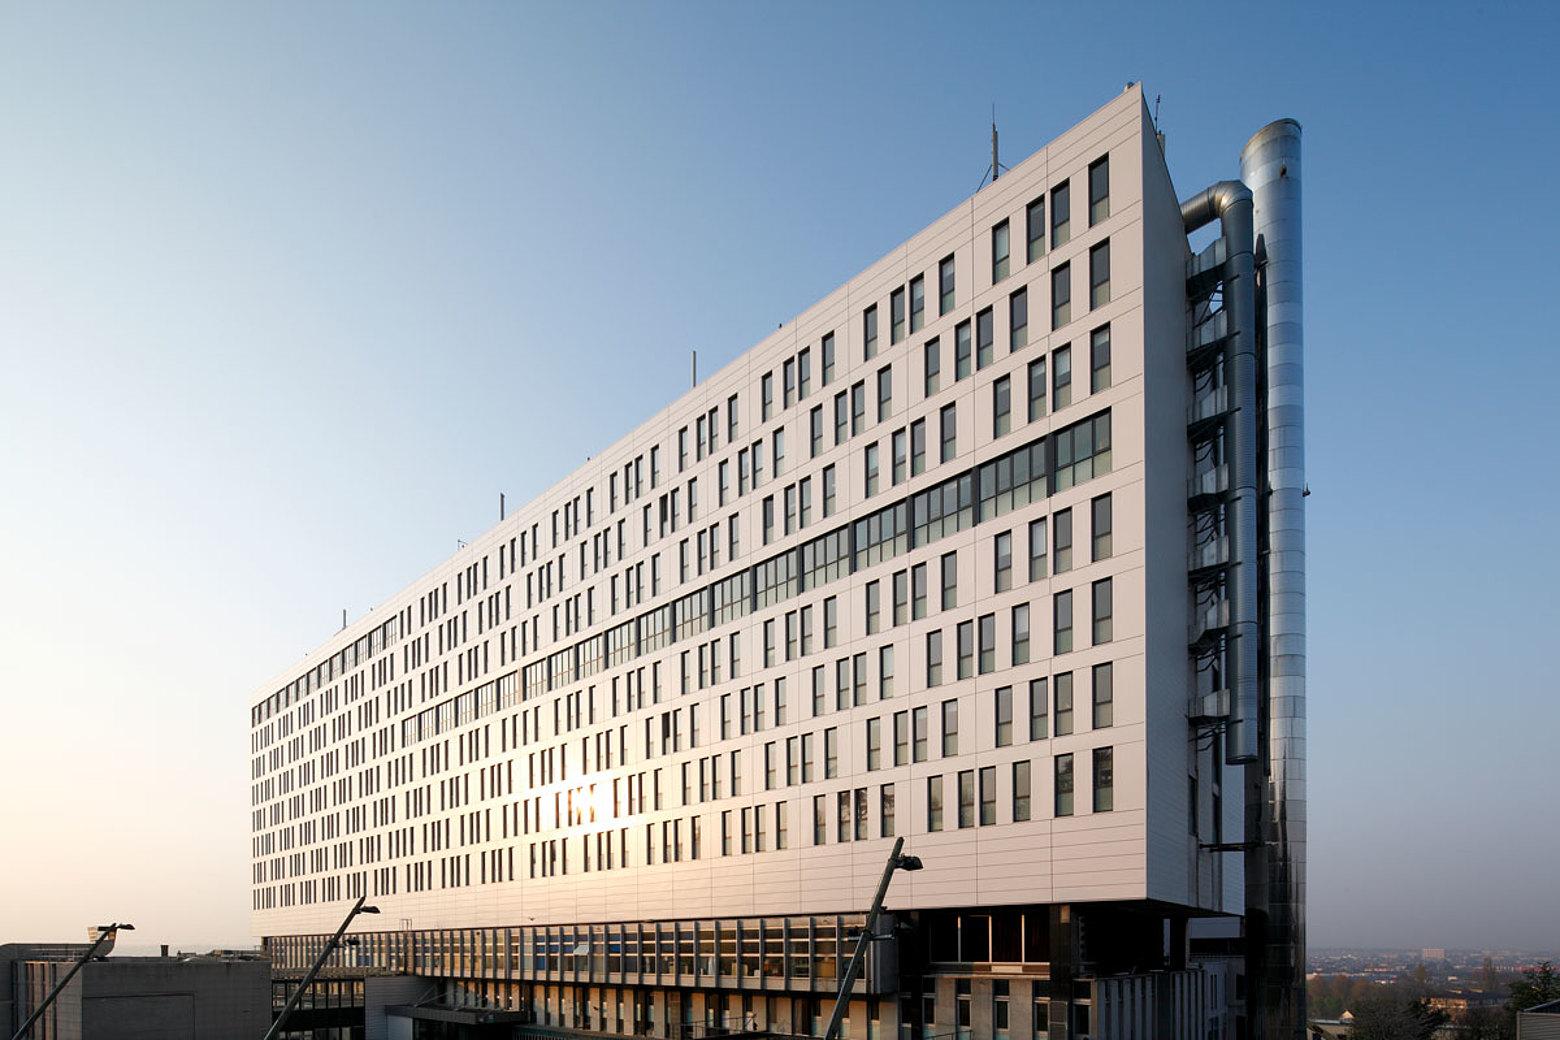 Wärmegedämmte Fenster und Verglasungen mit einer Höhe bis 2.7 m, forster unico Interkommunales Spital, Villeneuve-Saint-George